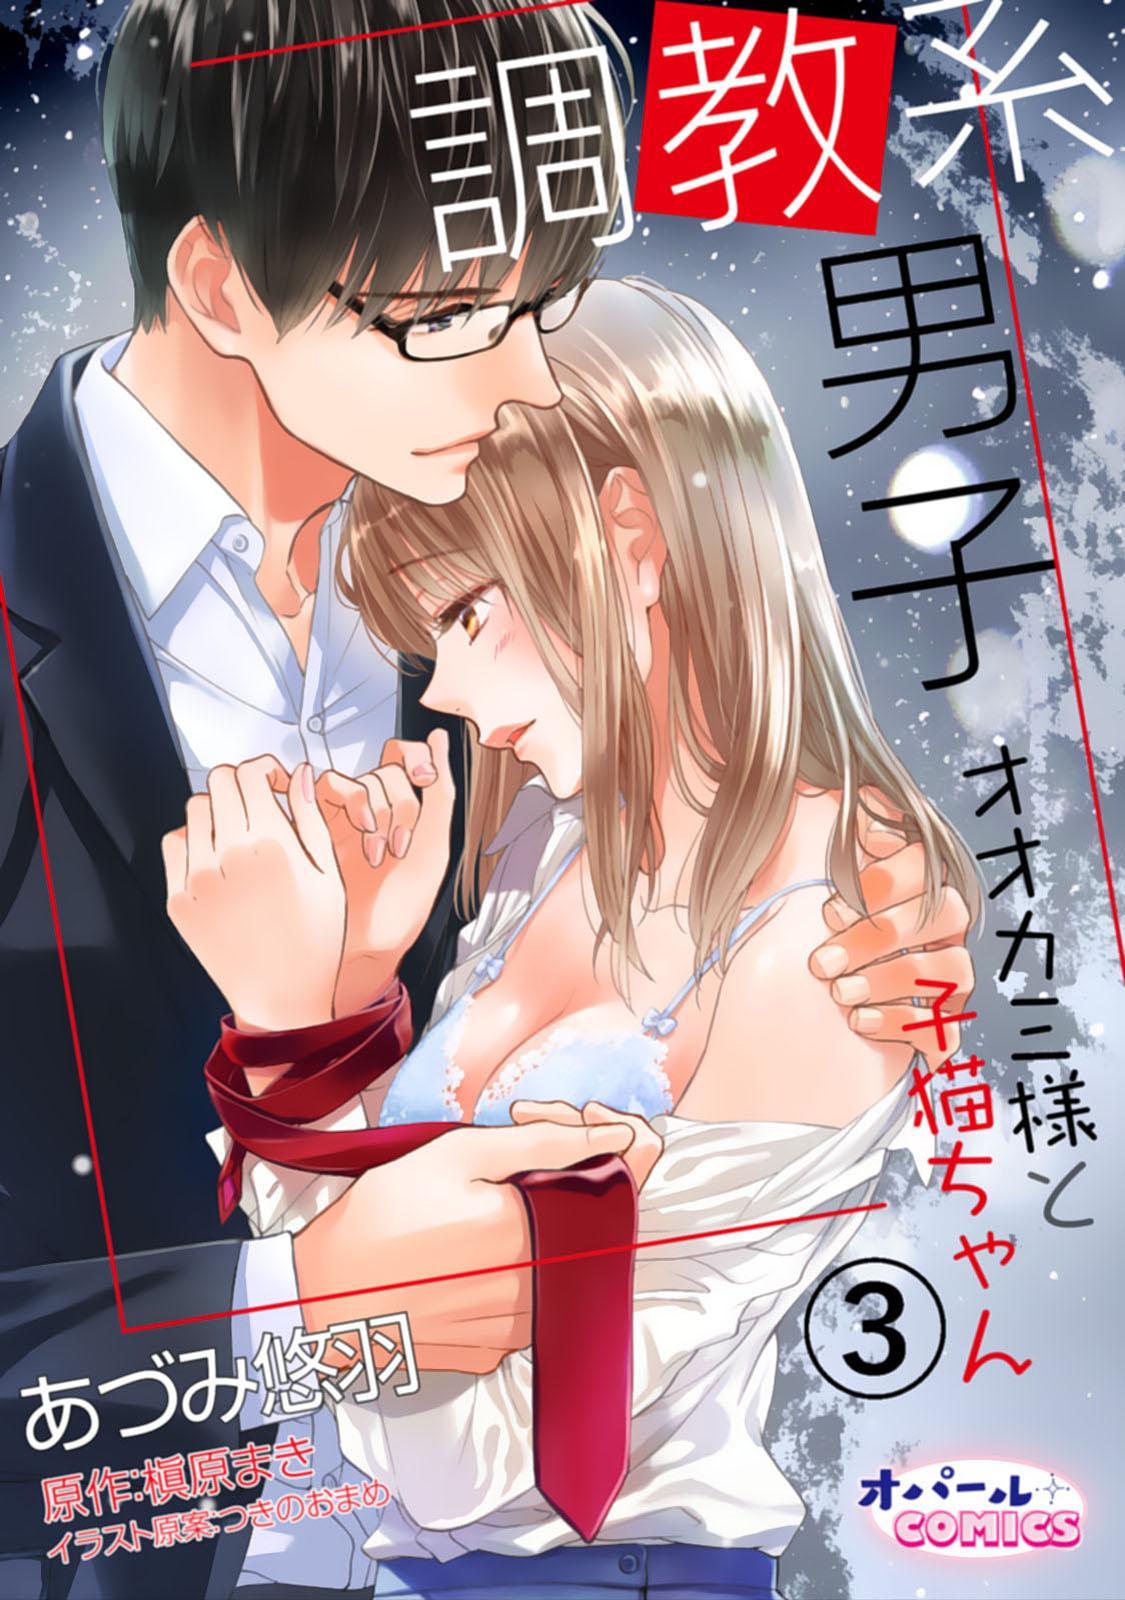 [Adumi Yuu] Choukyou-kei Danshi Ookami-sama to Koneko-chan Ch. 1-3 54